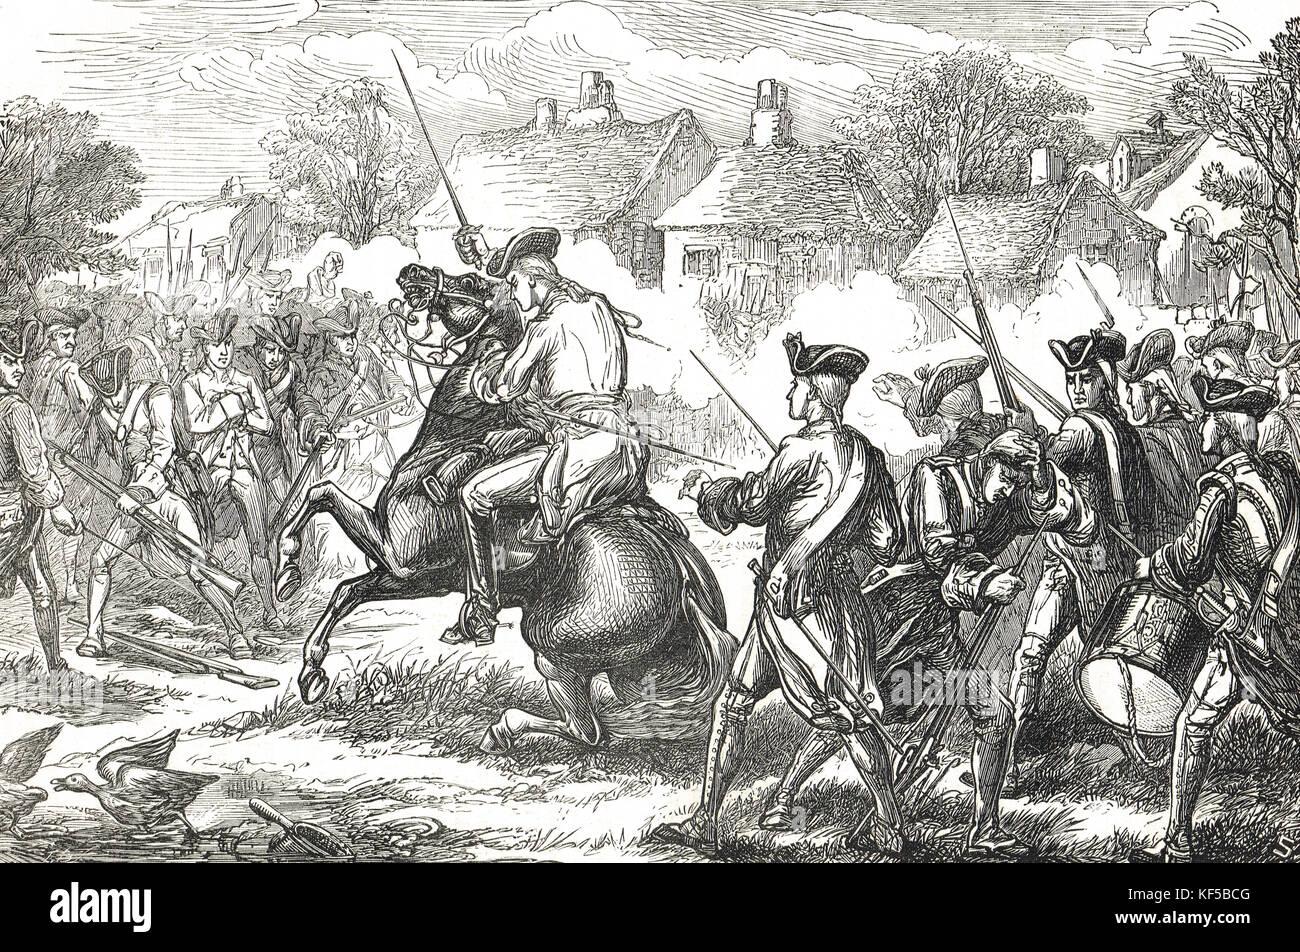 Las principales islas Pitcairn entrando en Lexington. Las batallas de Lexington y Concord el 19 de abril de 1775 fueron los primeros enfrentamientos militares de la Guerra Revolucionaria Americana AKA Guerra de la Independencia norteamericana Foto de stock